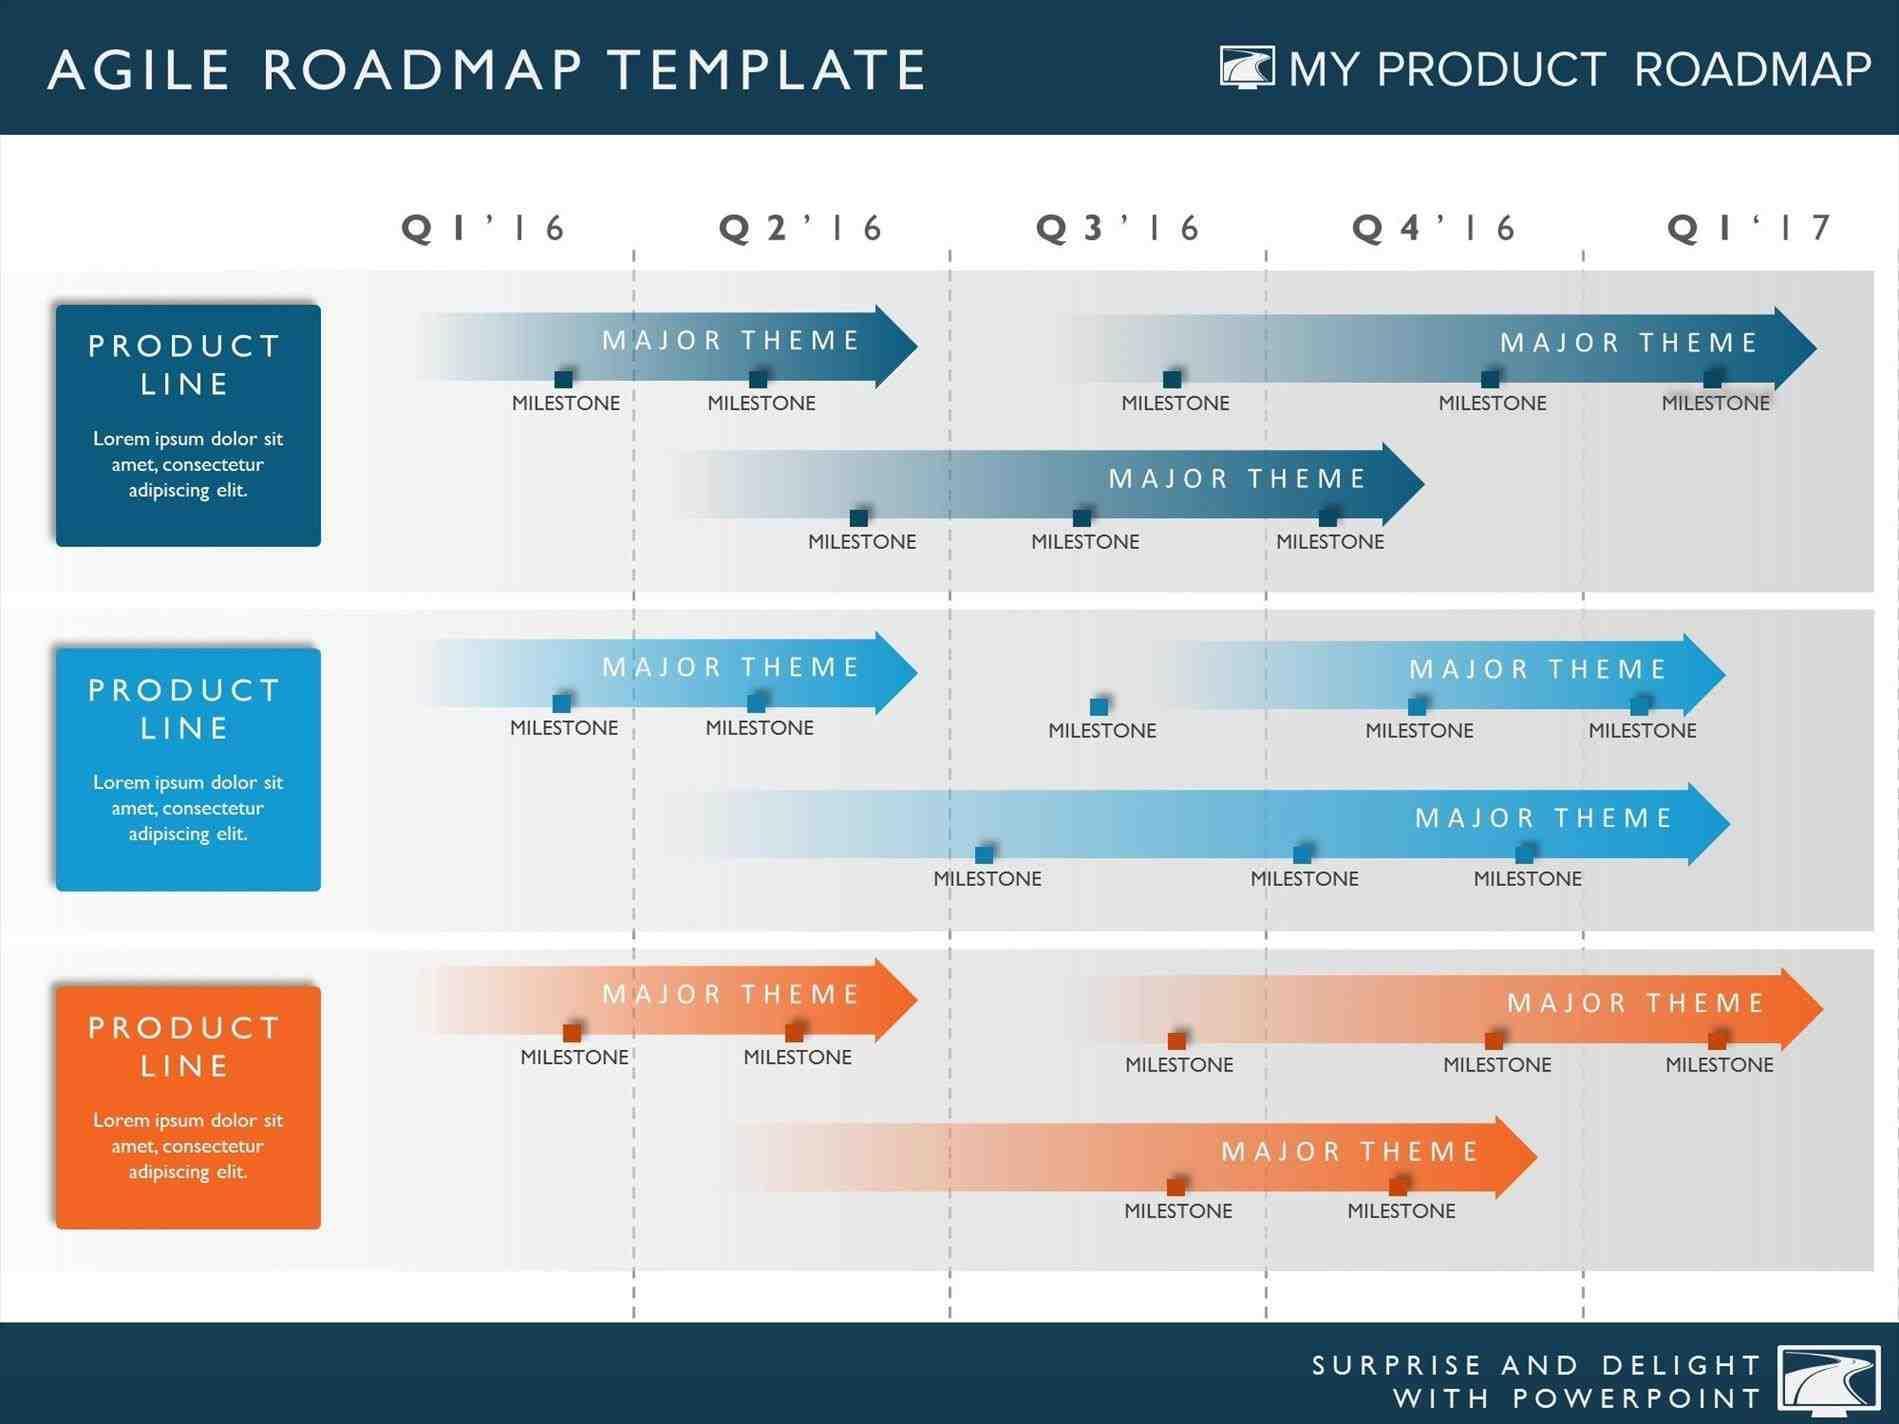 Agile Product Roadmap Templates